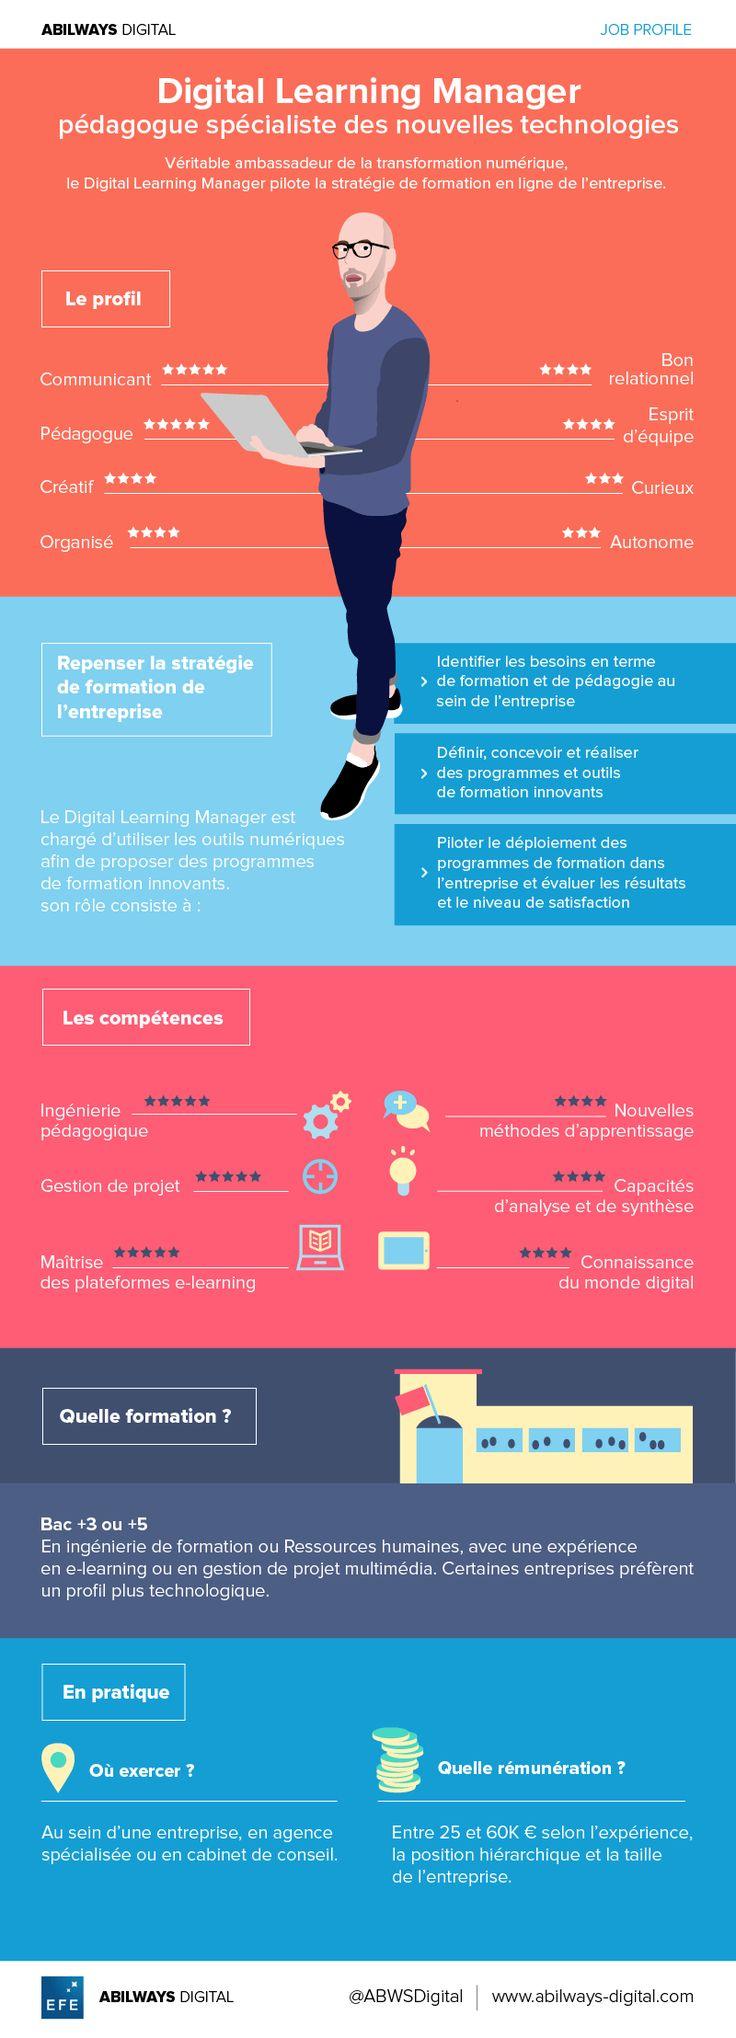 Job profil ➡Qu'est-ce qu'un Digital Learning manager : un chef de projet ? Un formateur ? Un ingénieur pédagogique ?